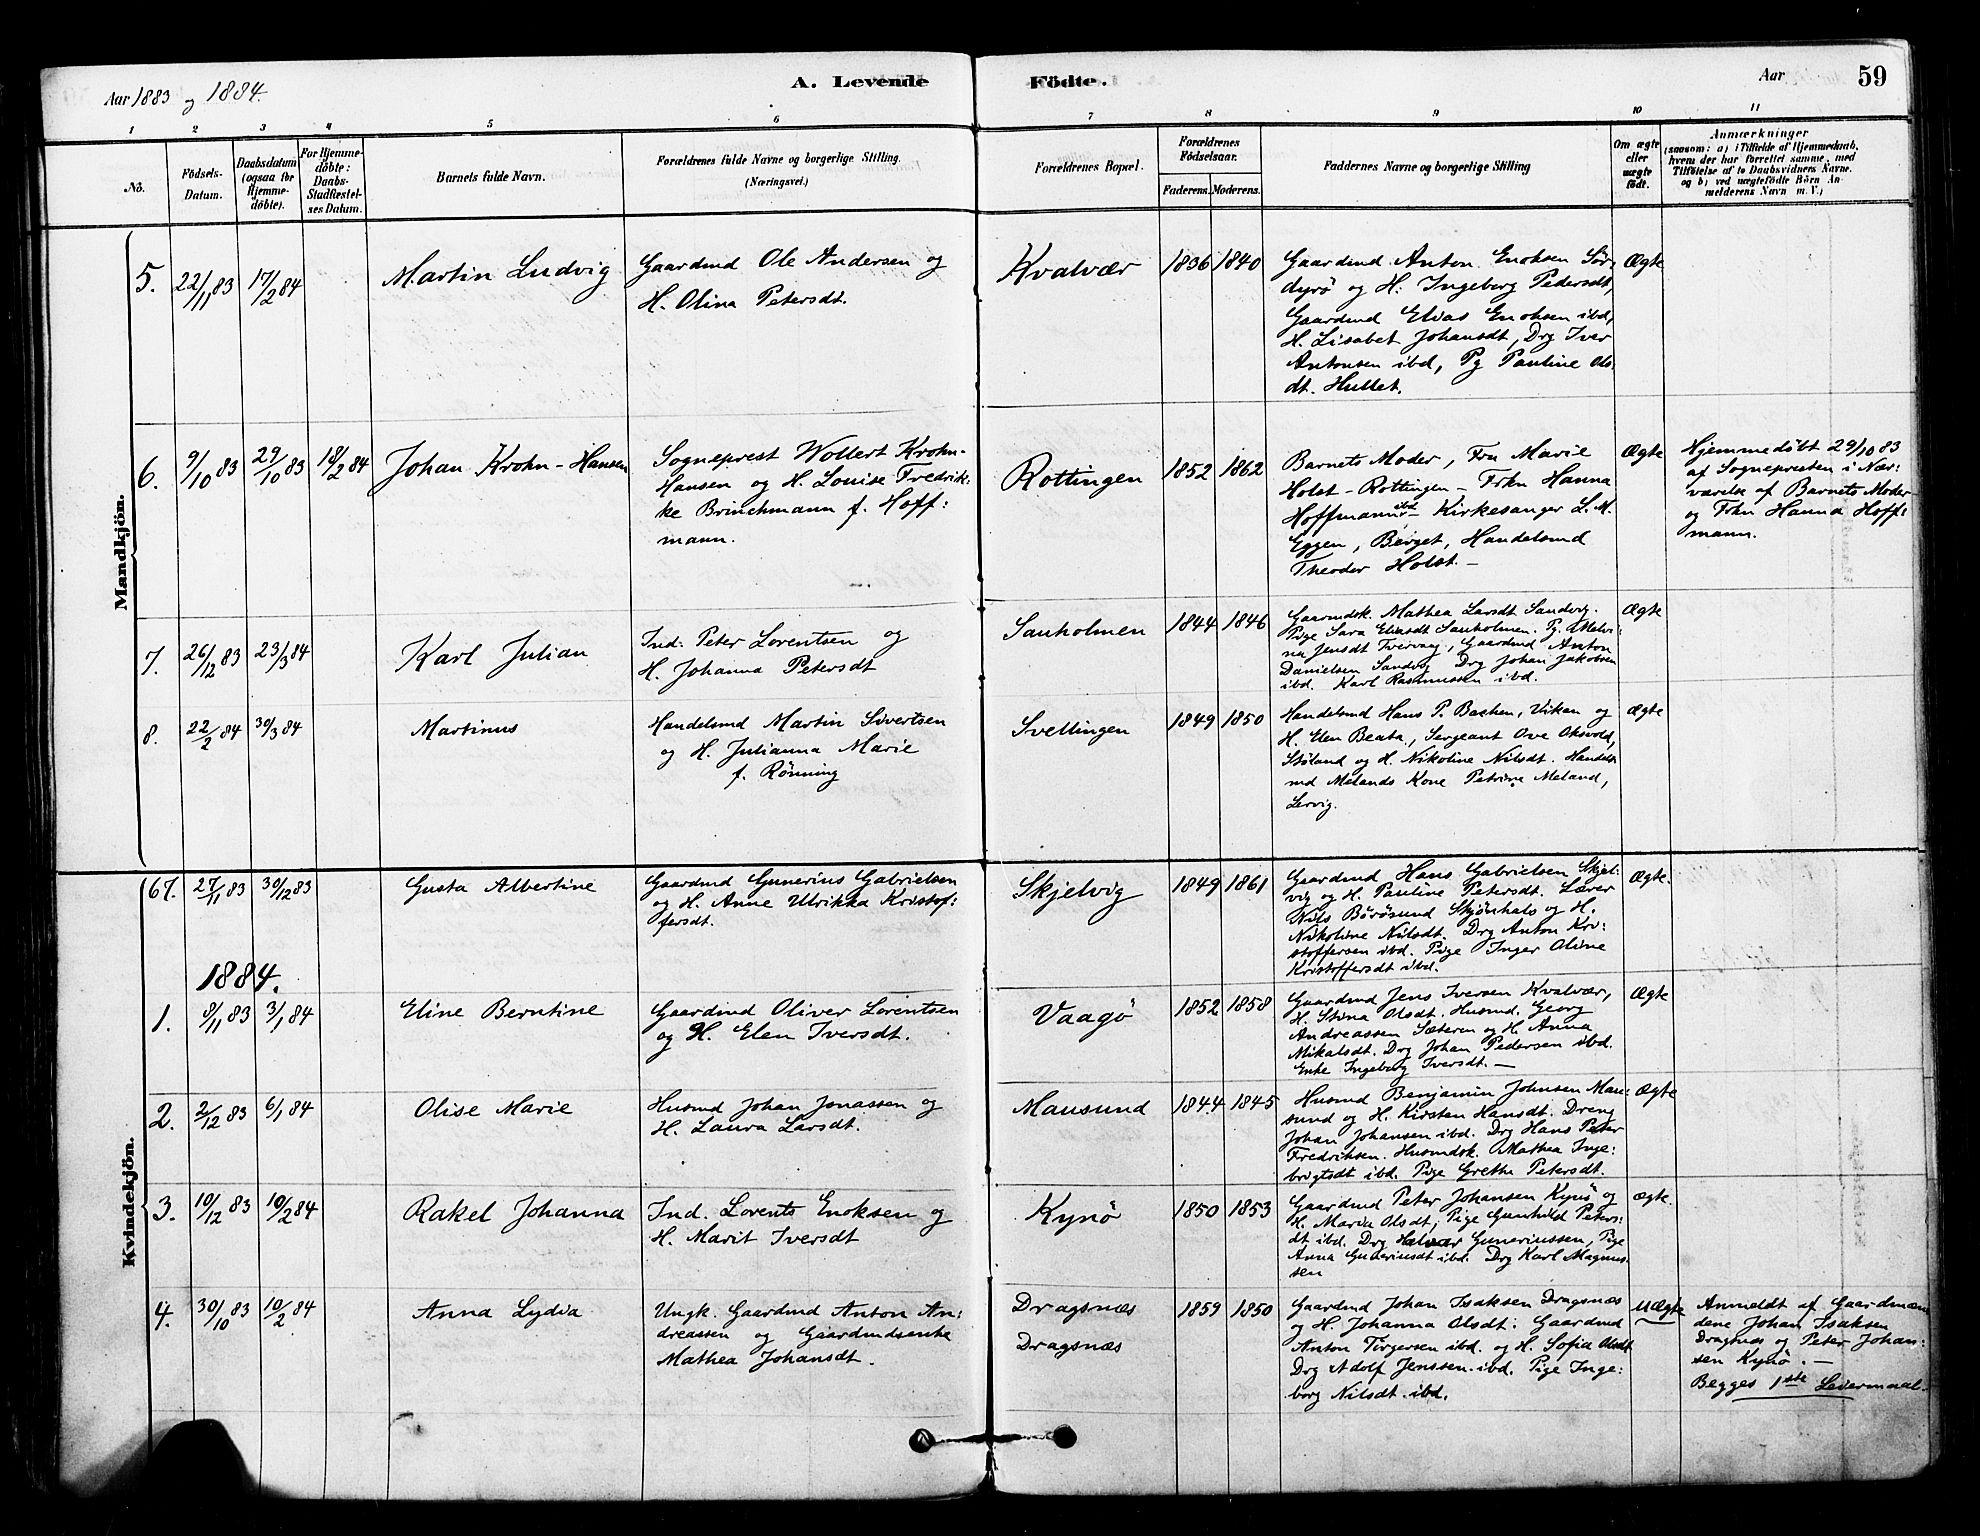 SAT, Ministerialprotokoller, klokkerbøker og fødselsregistre - Sør-Trøndelag, 640/L0578: Ministerialbok nr. 640A03, 1879-1889, s. 59